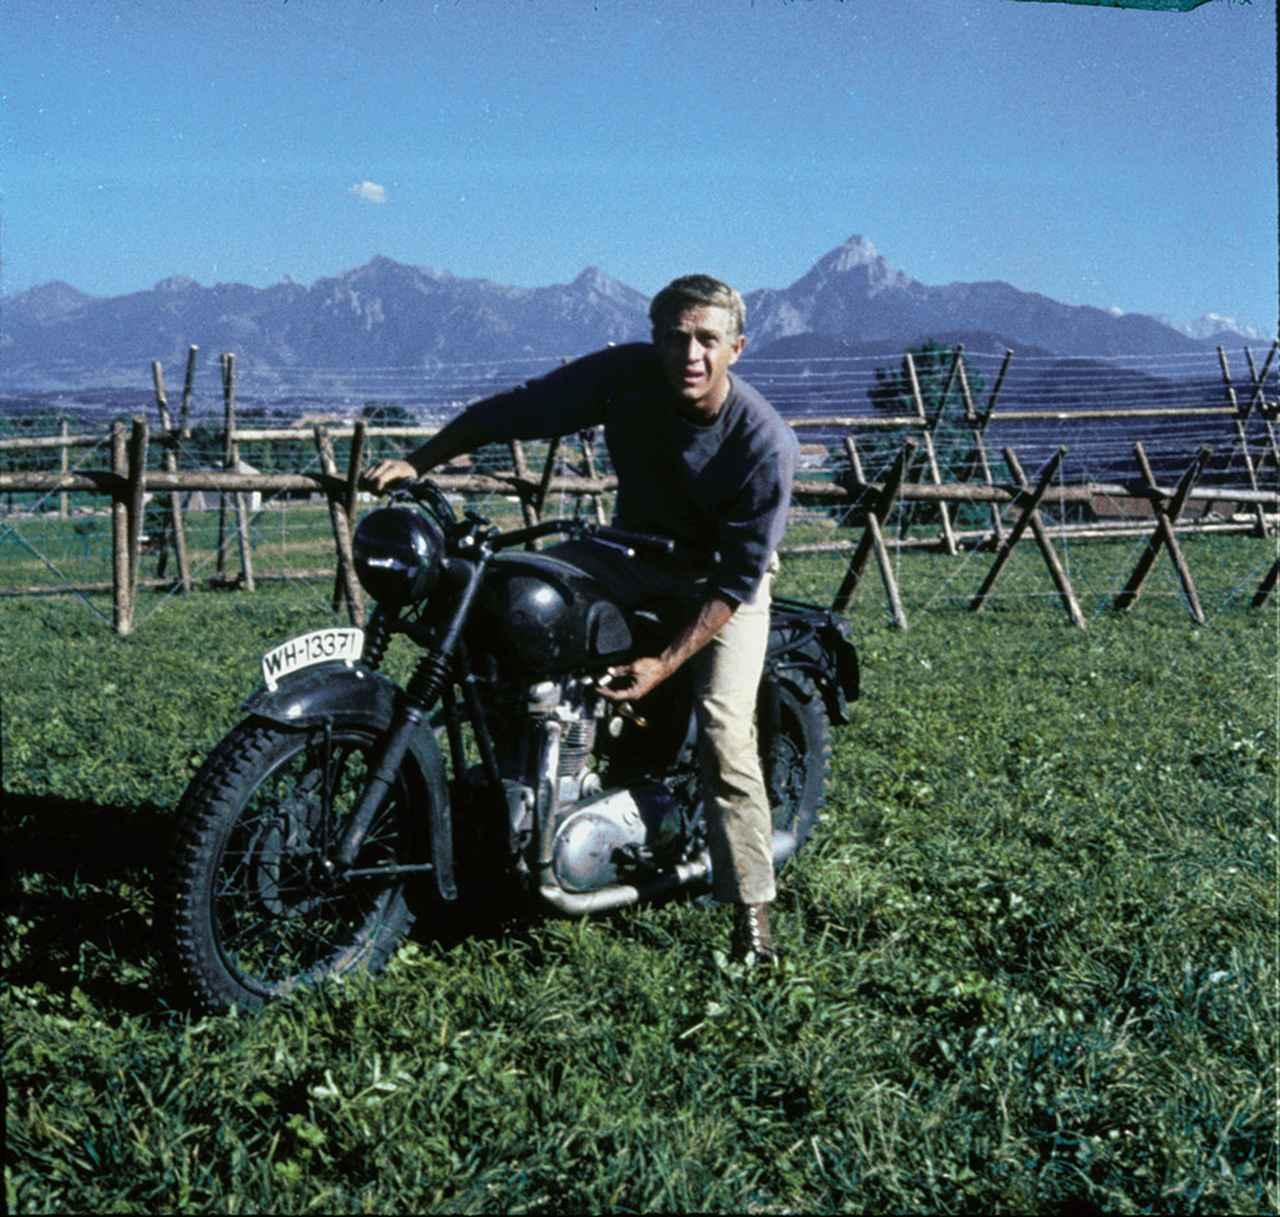 画像: © 1963 METRO-GOLDWYN-MAYER STUDIOS INC. AND JOHN STURGES. All Rights Reserved